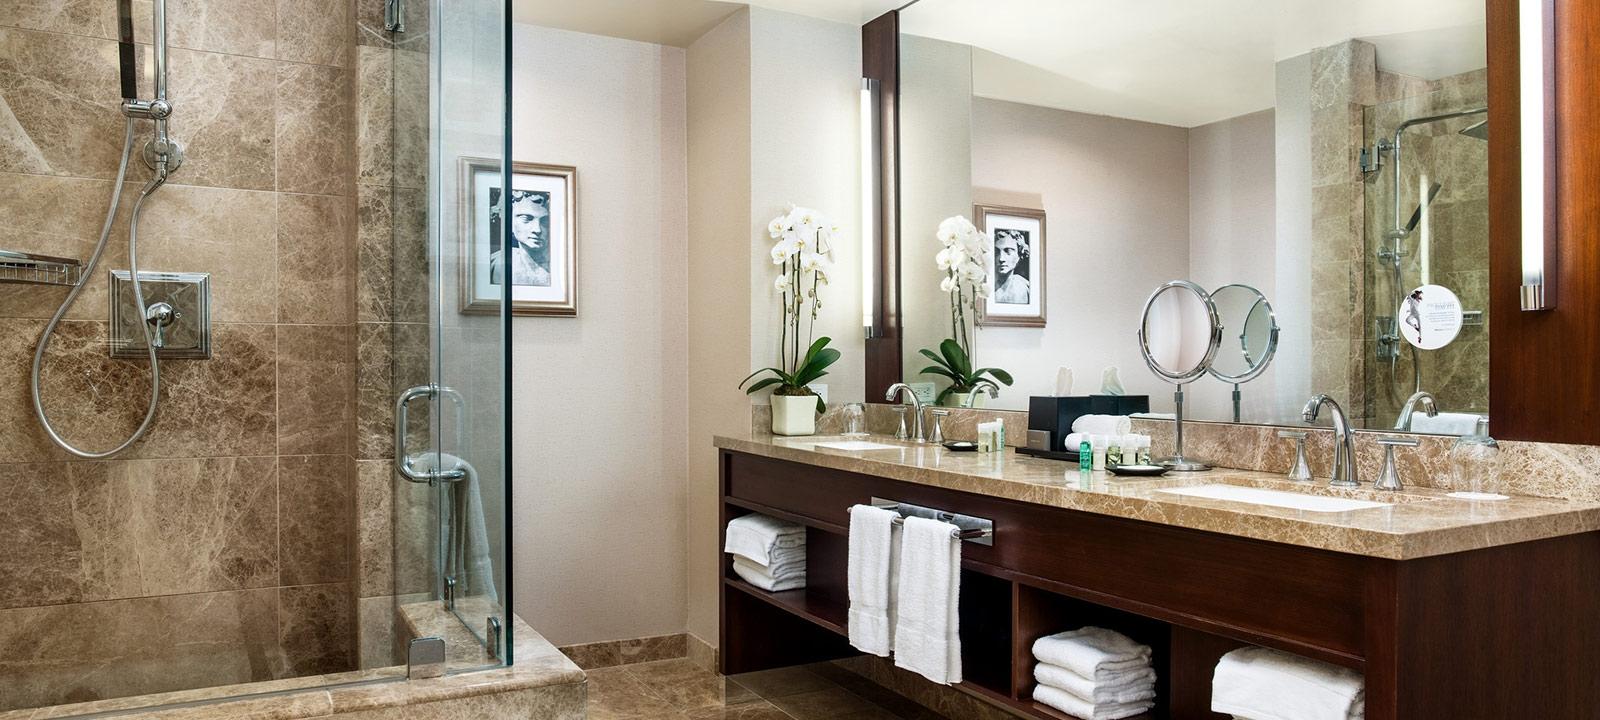 Westin Hotel Bathroom Mirrors